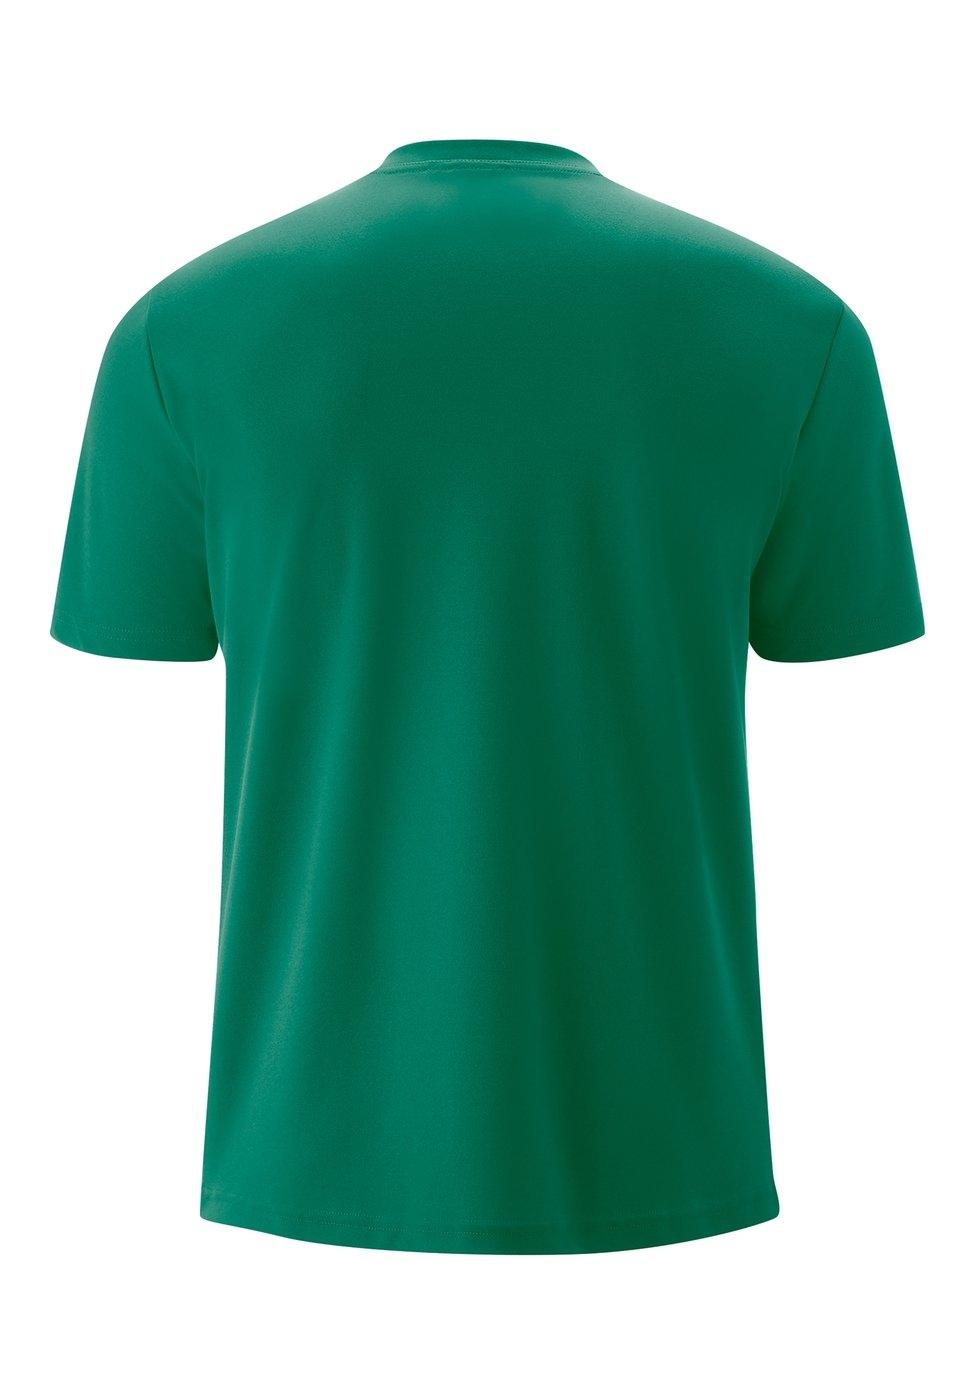 Maier Sports Hr. T-Shirt Wali 152308 ultramarine green